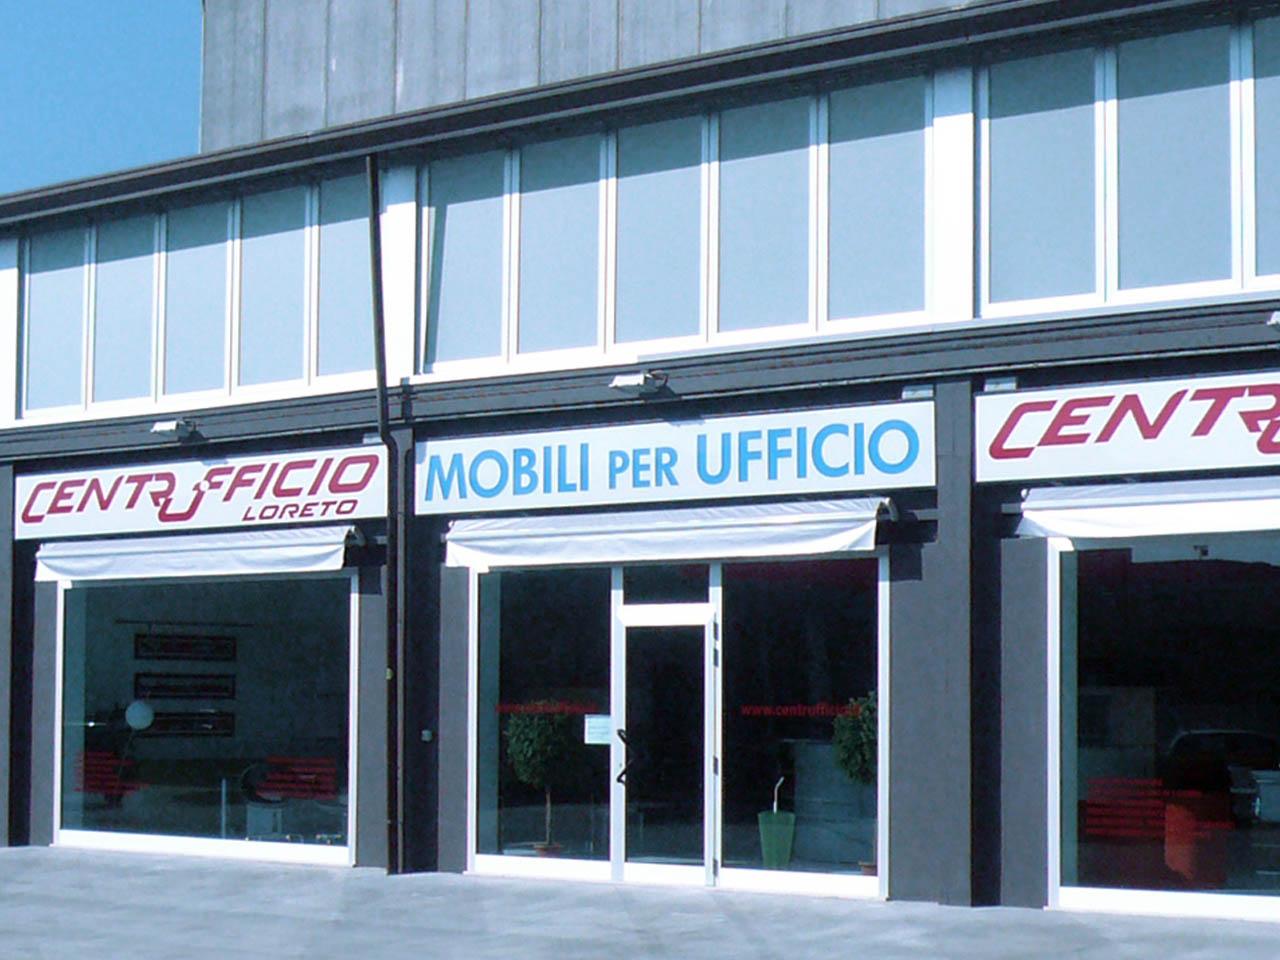 Showroom Vicenza Centrufficio